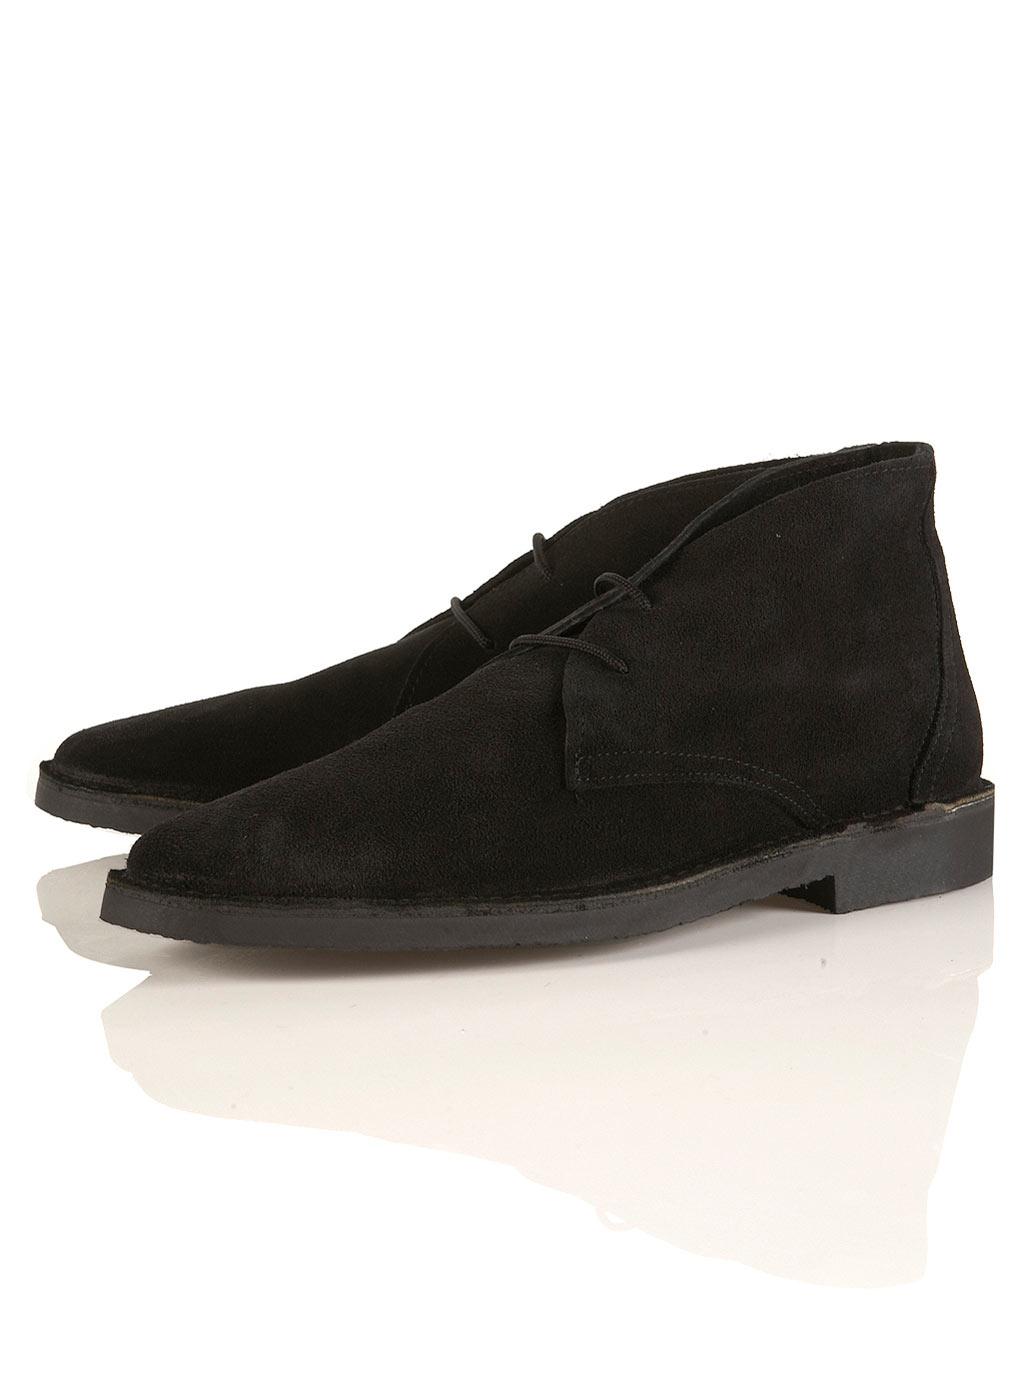 topman karakum desert boot in black for lyst